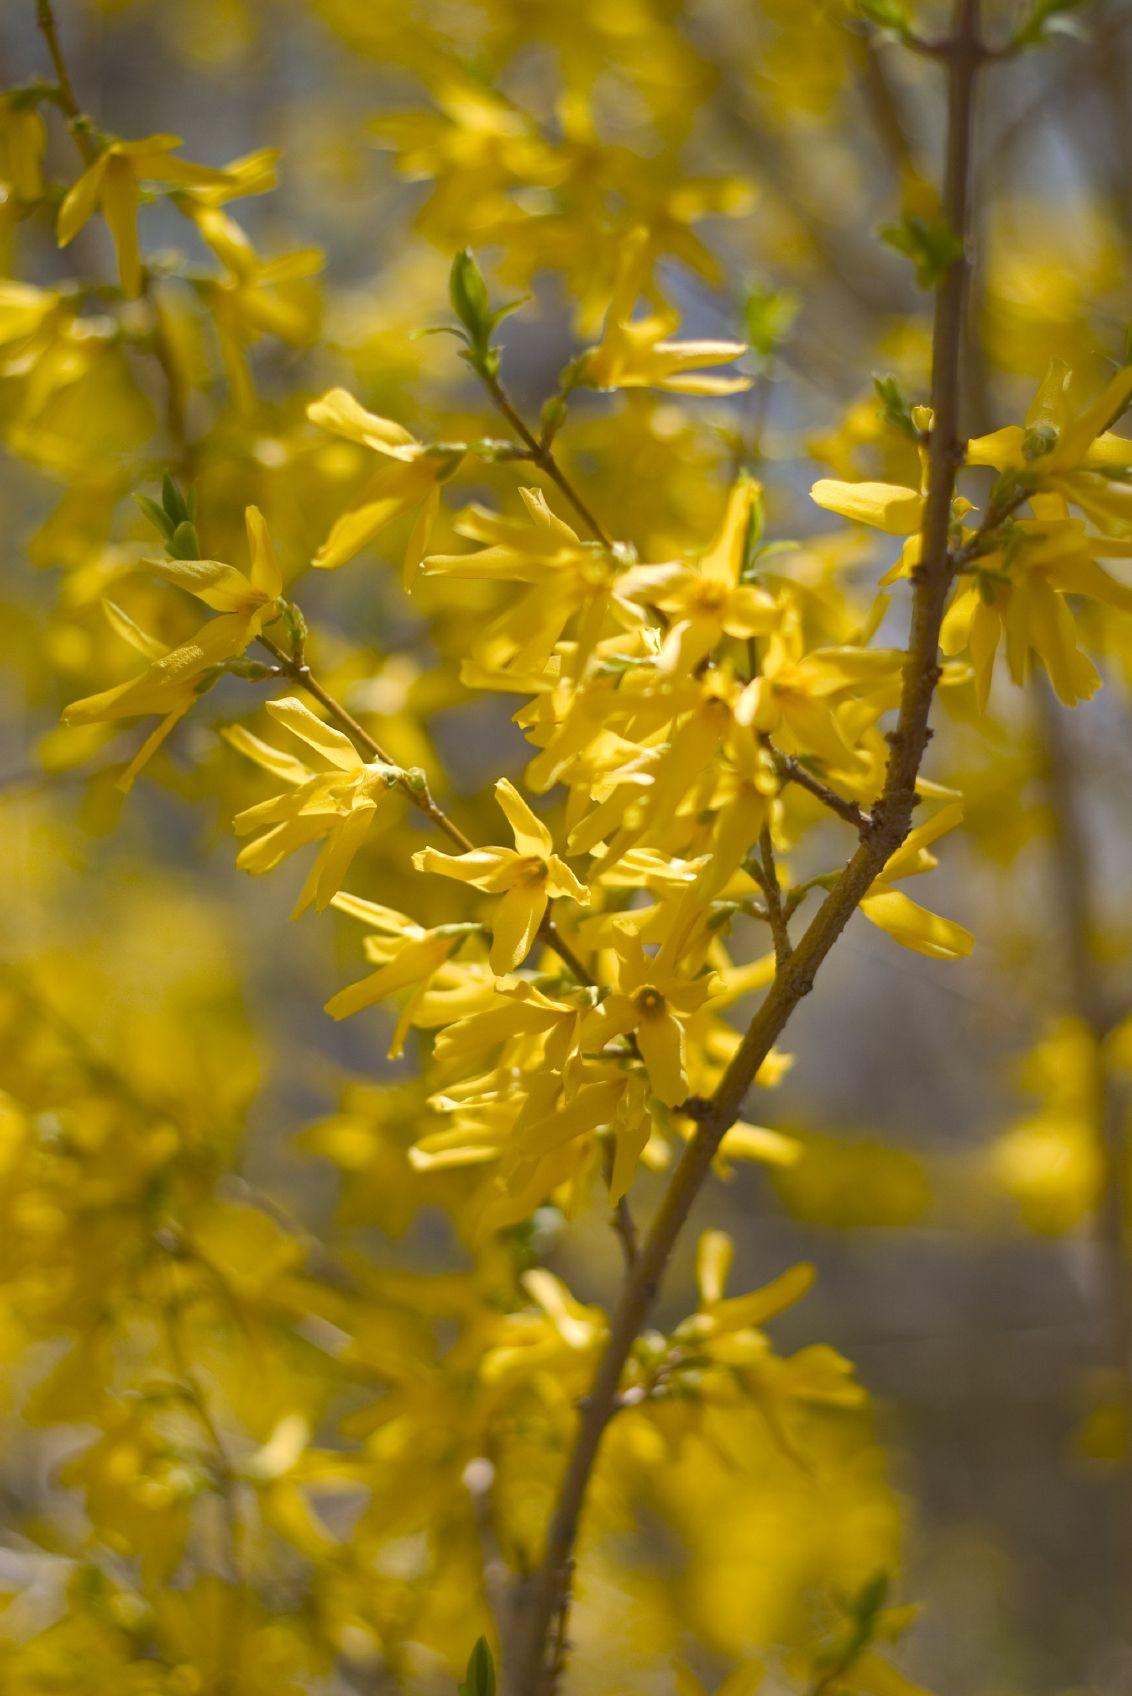 Forsythia Shrub Care How To Care For Your Forsythia Plant Bushes